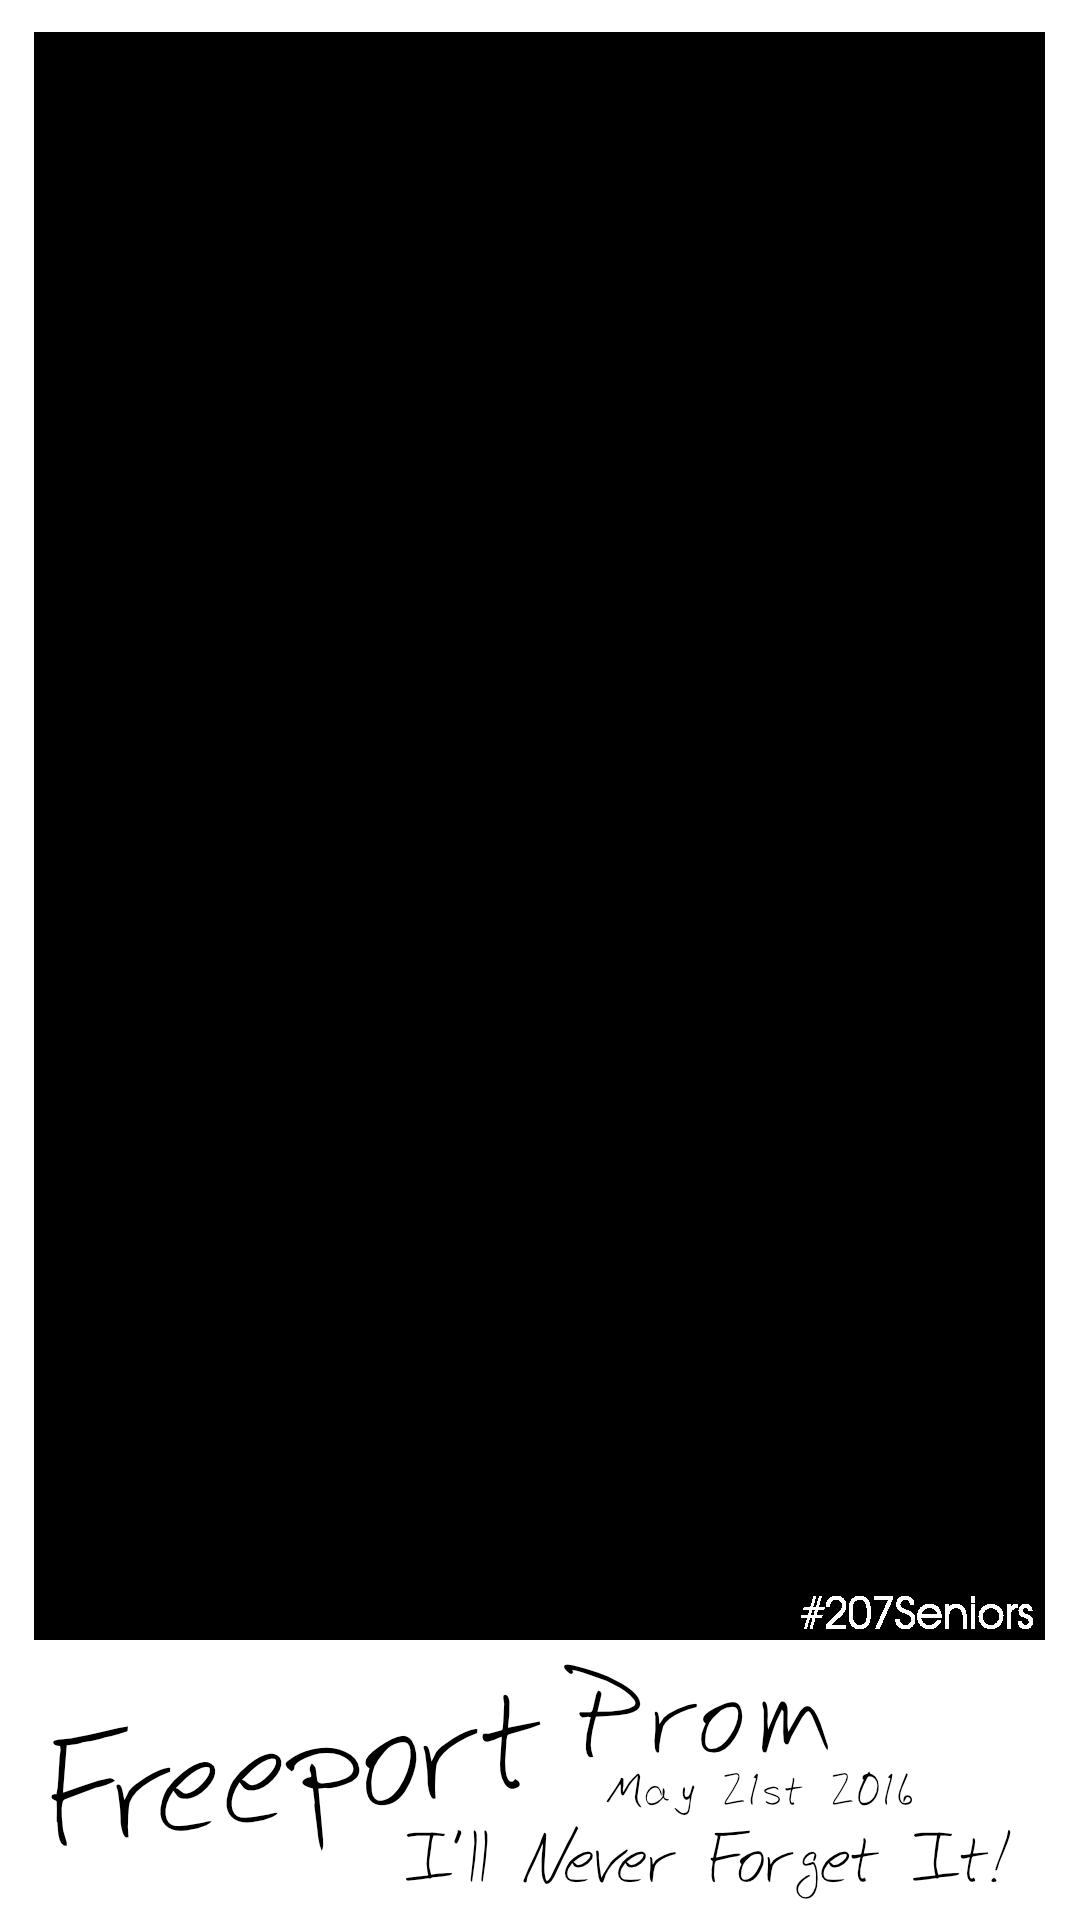 FreeportProm2016.png